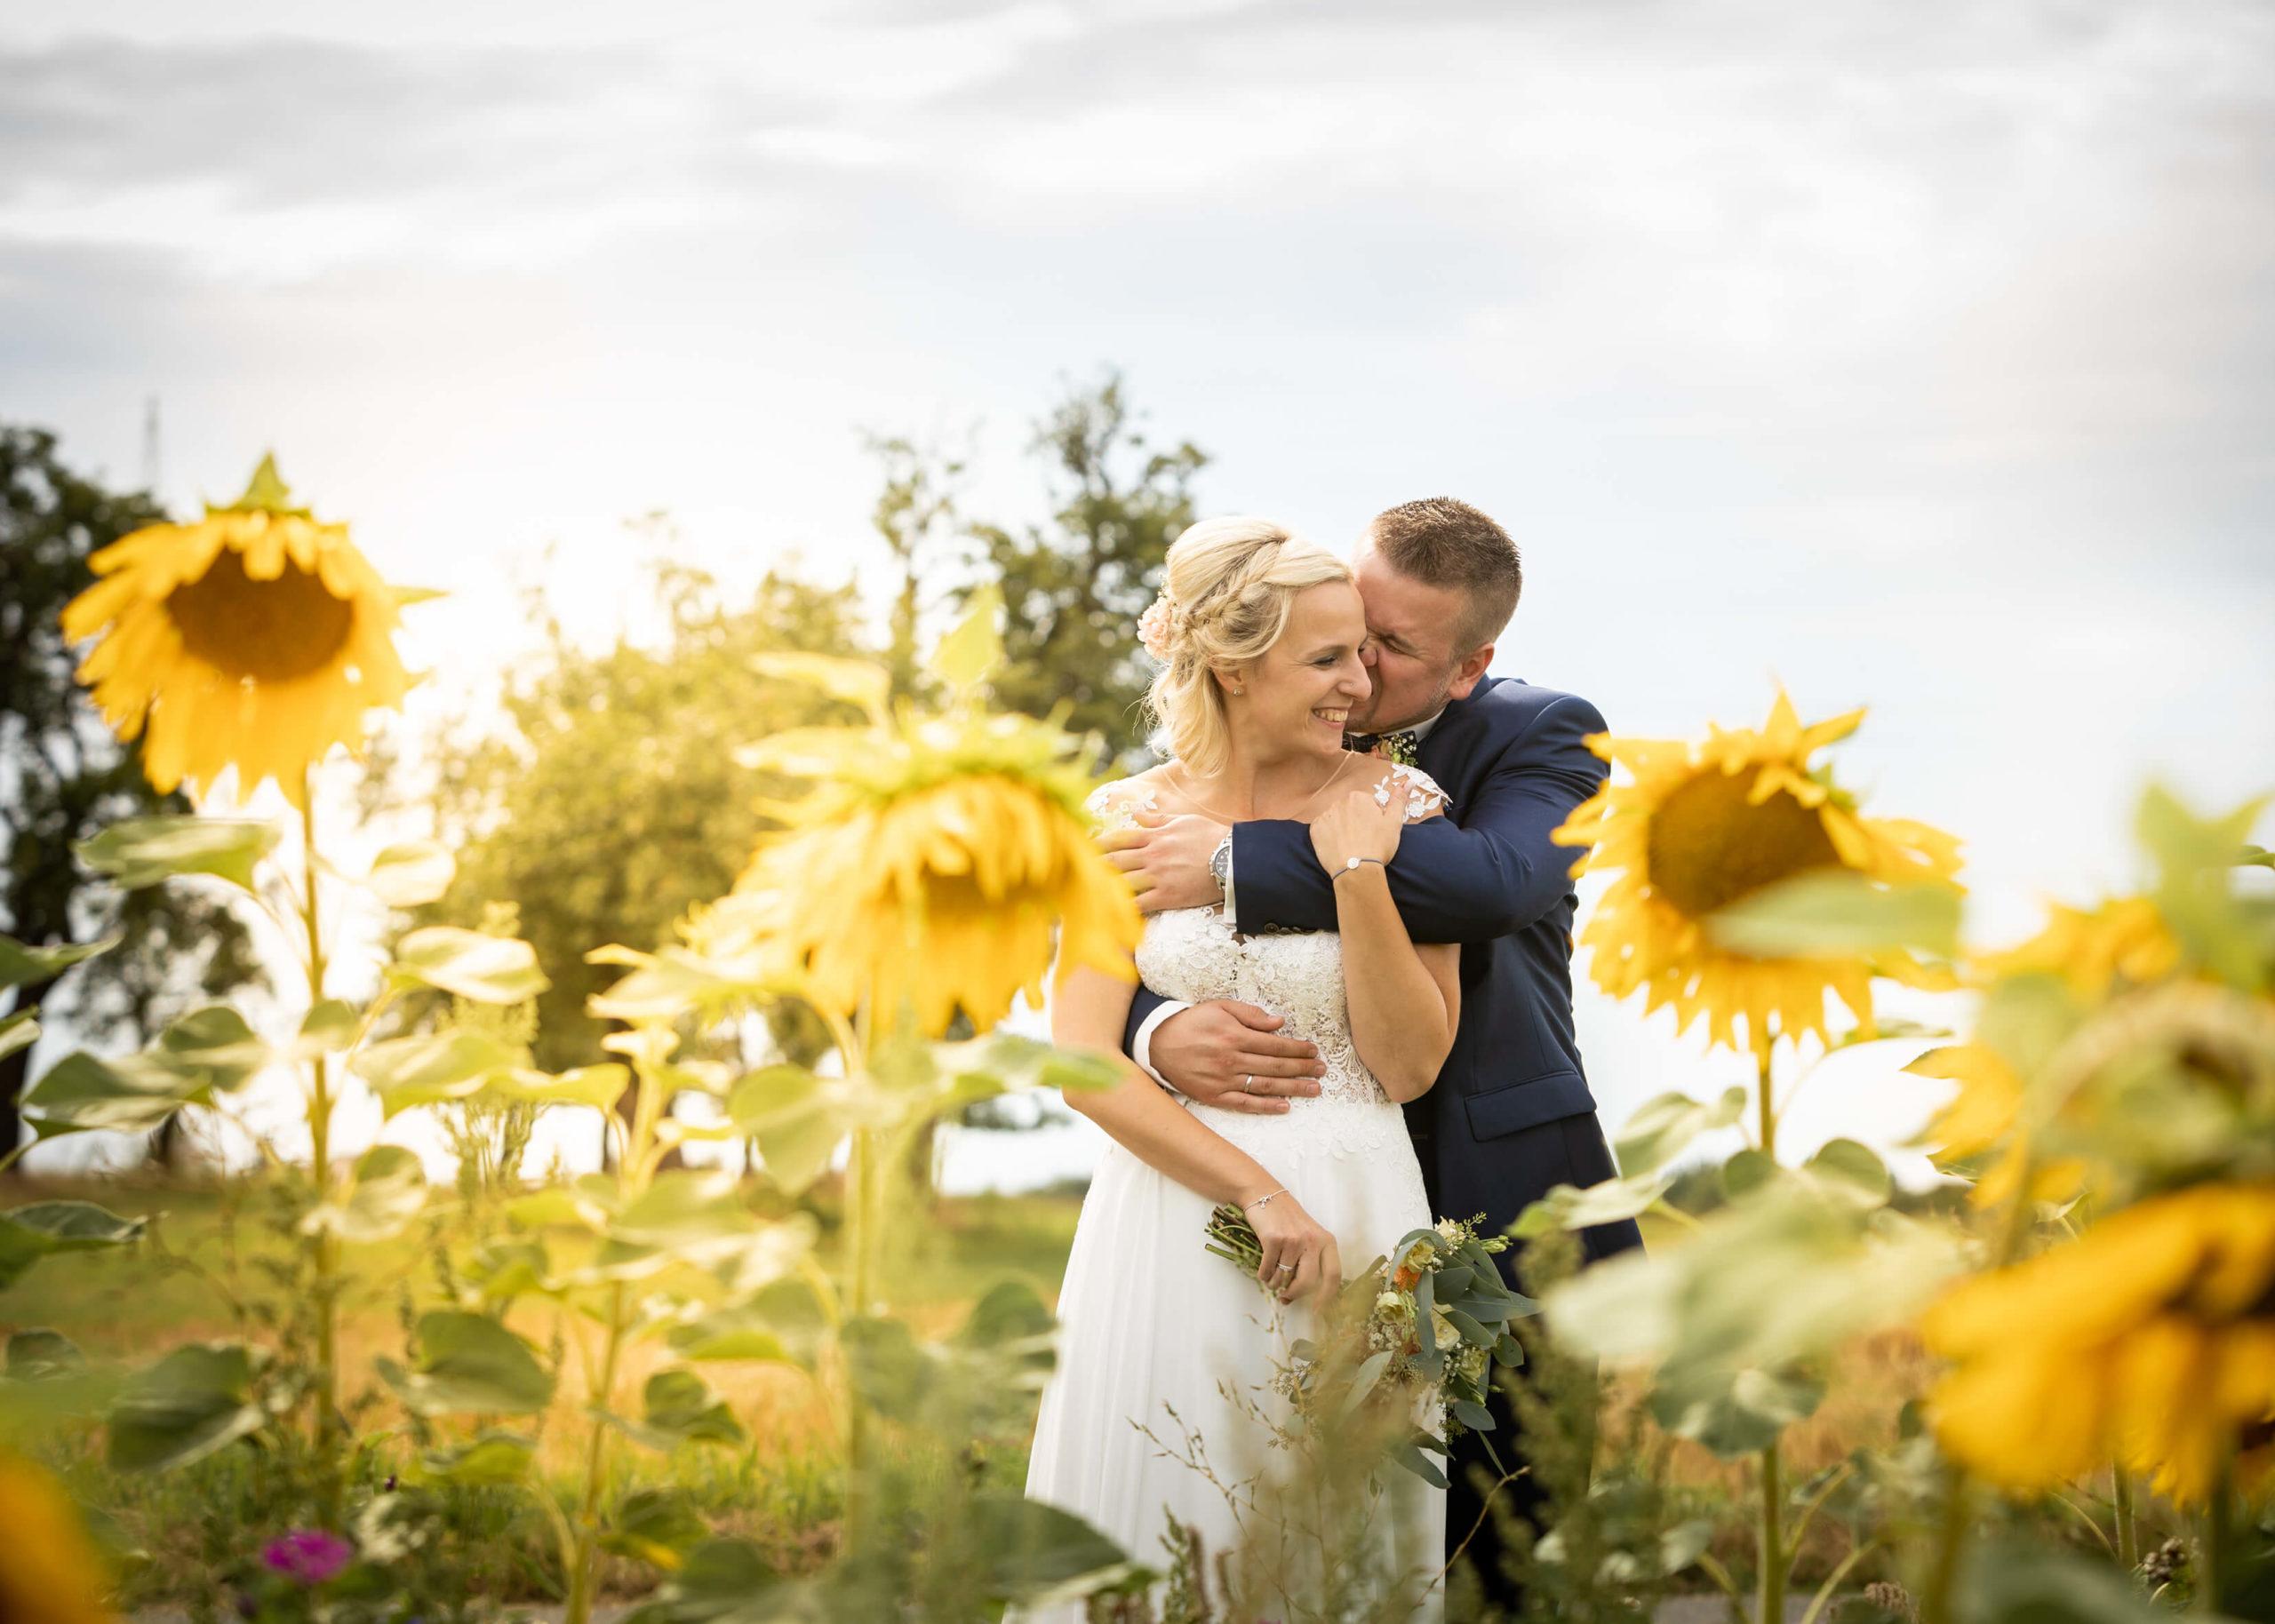 Hochzeitsportrait im Sonnenblumenfeld